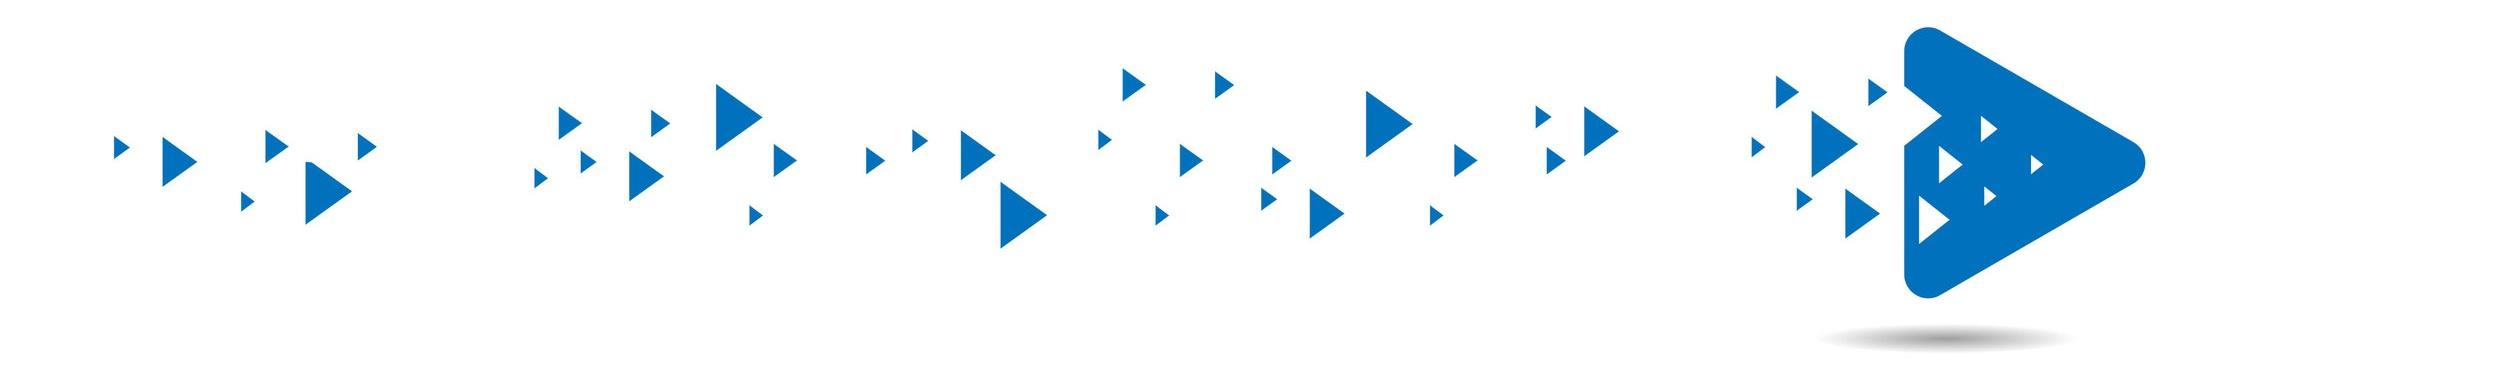 VideoMatrix5-1-Long+HEADER+es.jpg